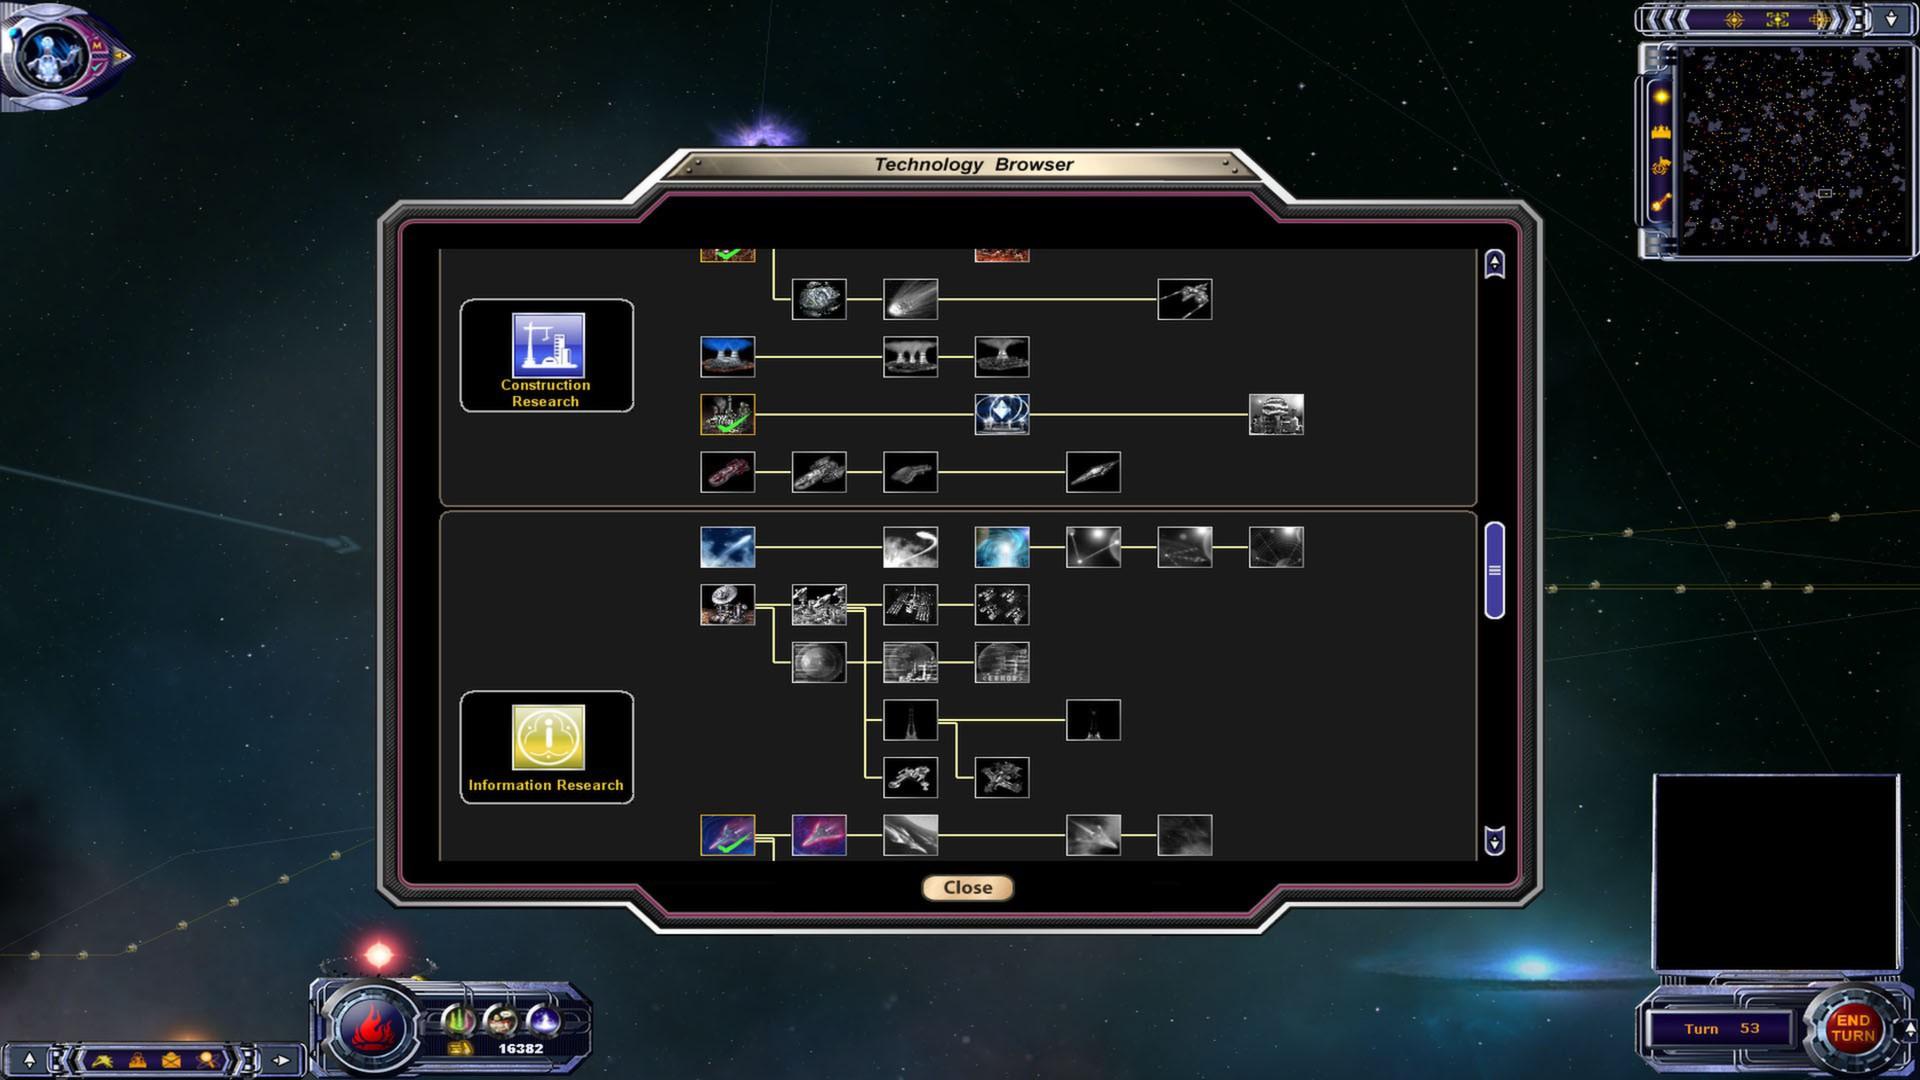 com.steam.229970-screenshot